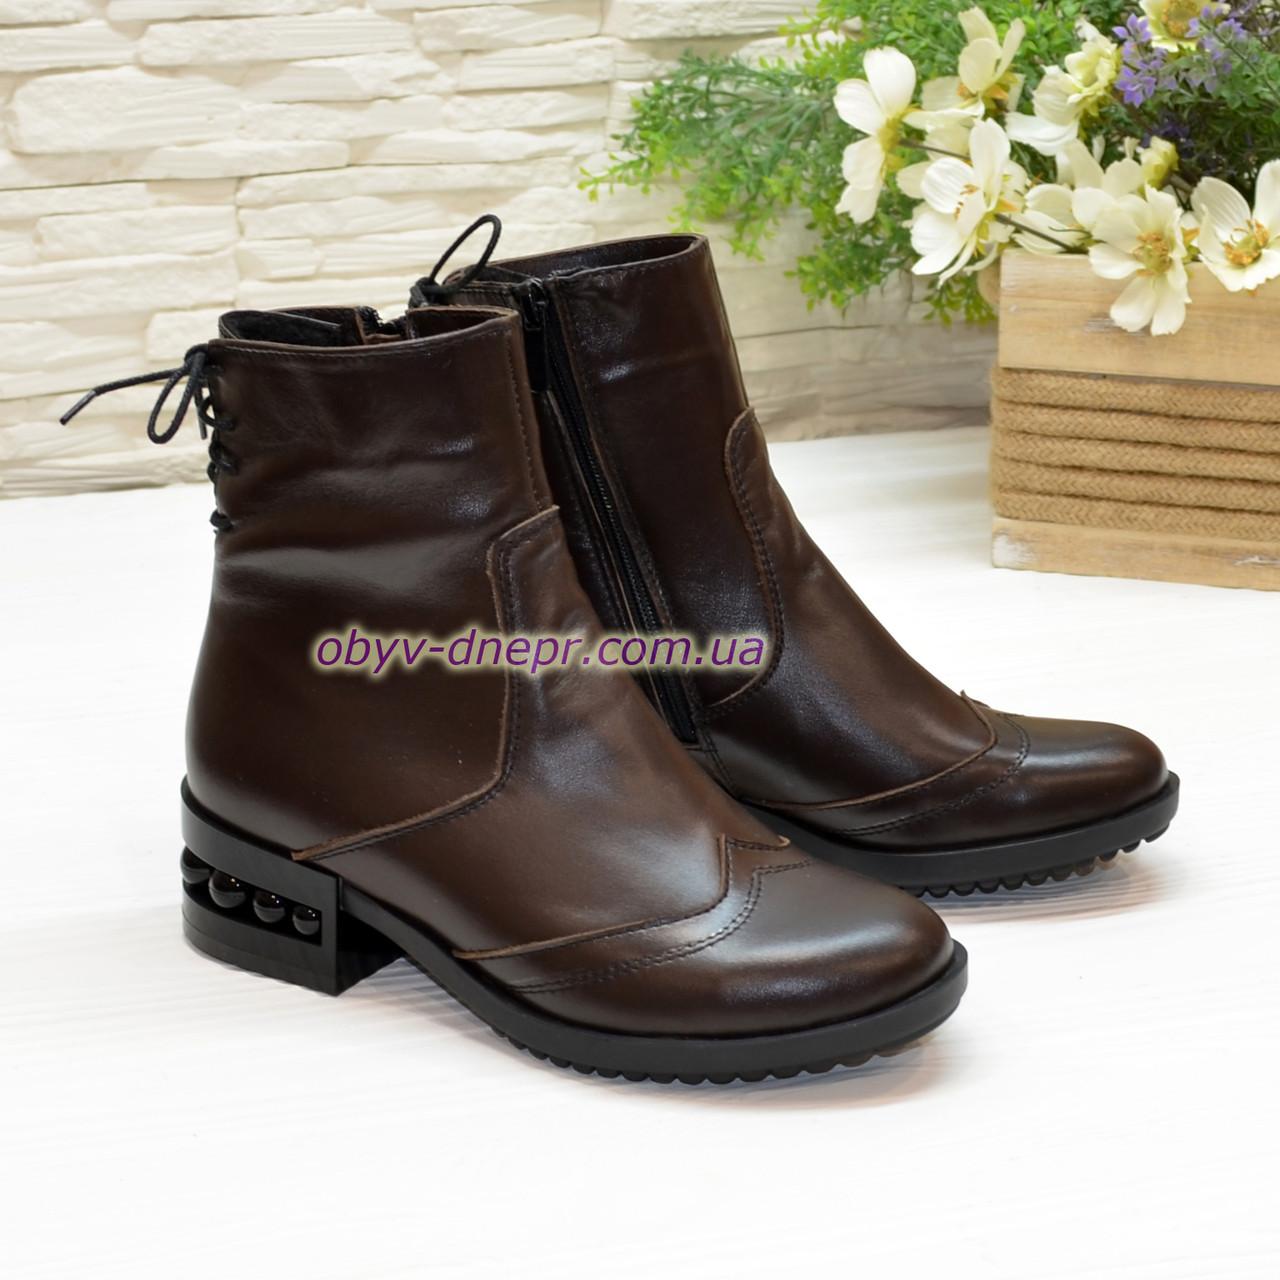 Ботинки кожаные демисезонные на маленьком каблуке, сзади на шнуровке